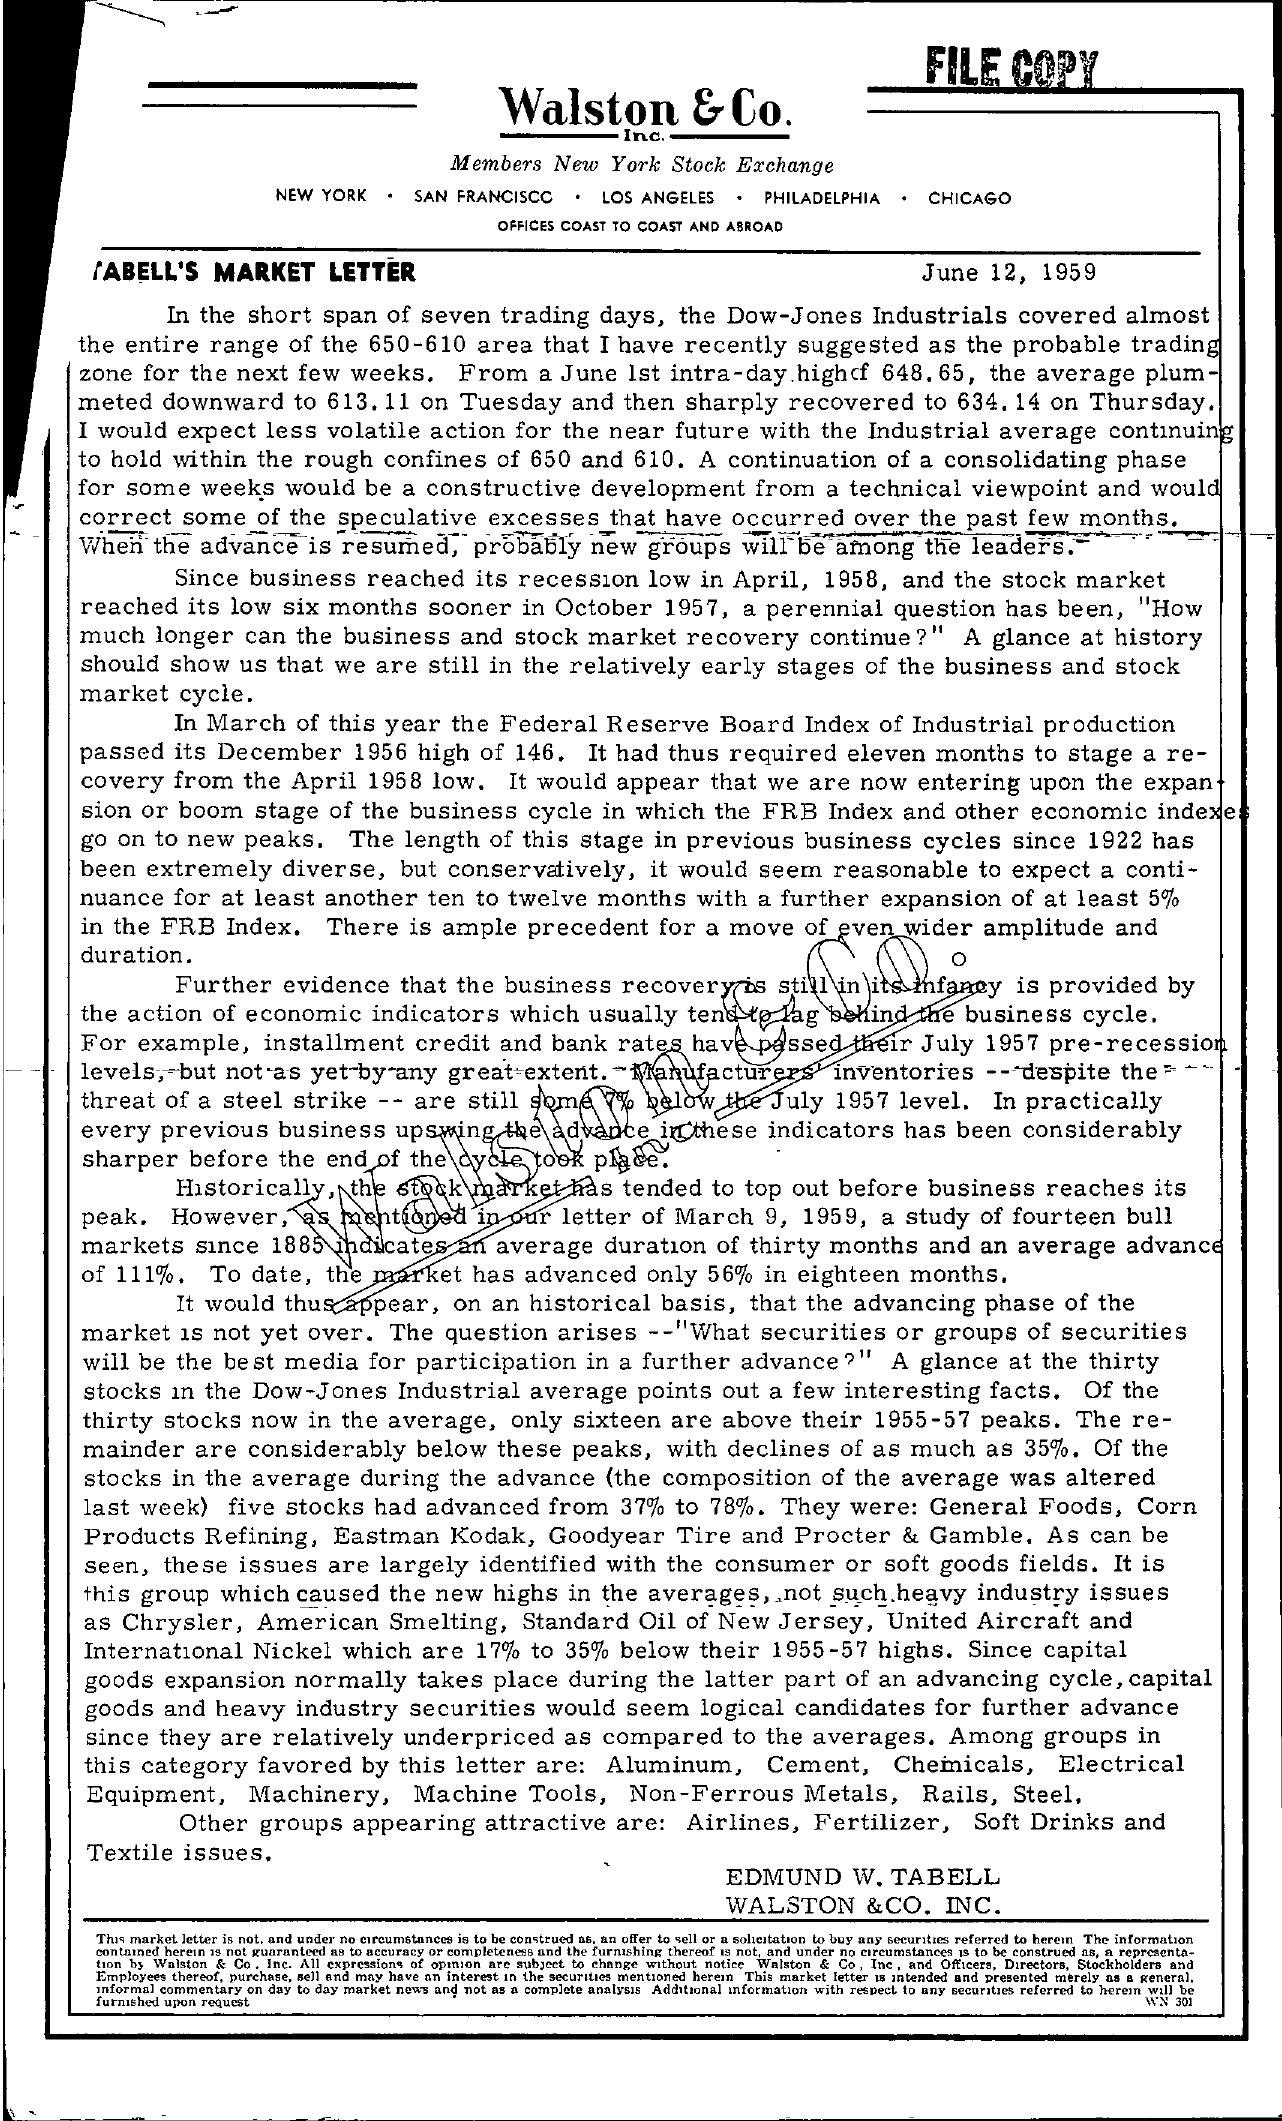 Tabell's Market Letter - June 12, 1959